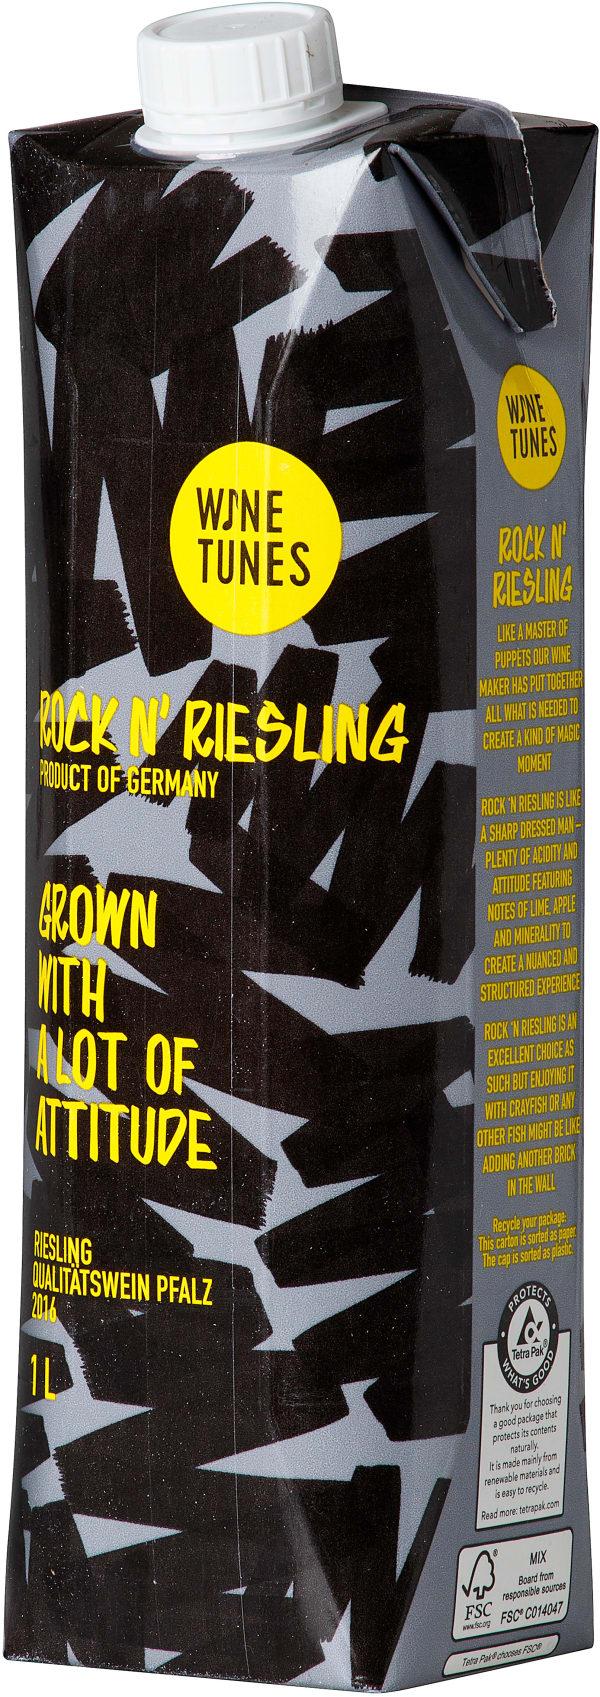 Wine Tunes Rock'n Riesling 2020 kartongförpackning